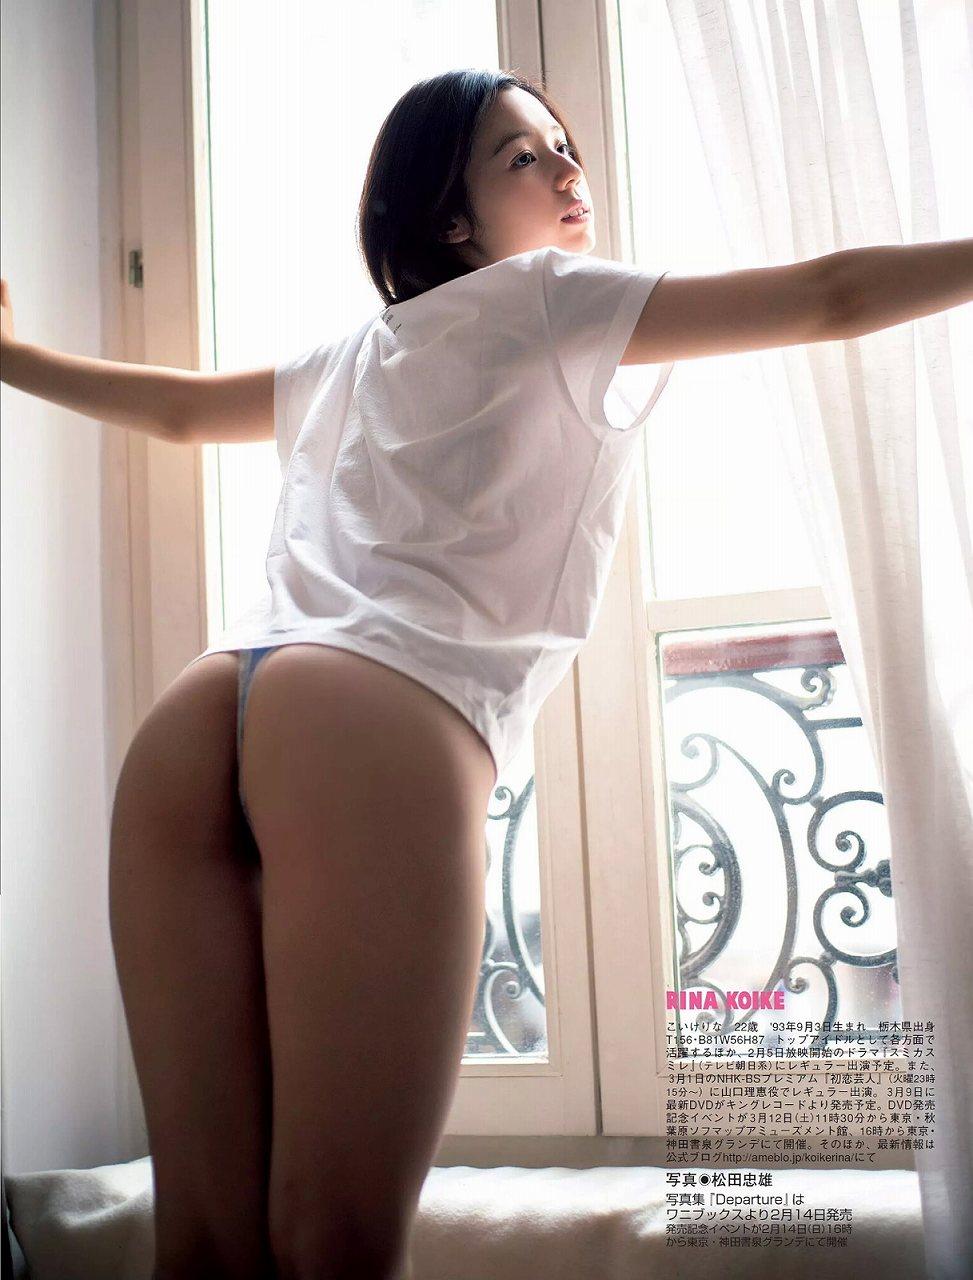 小池里奈さん、Tバックでドスケベな股間を開示する